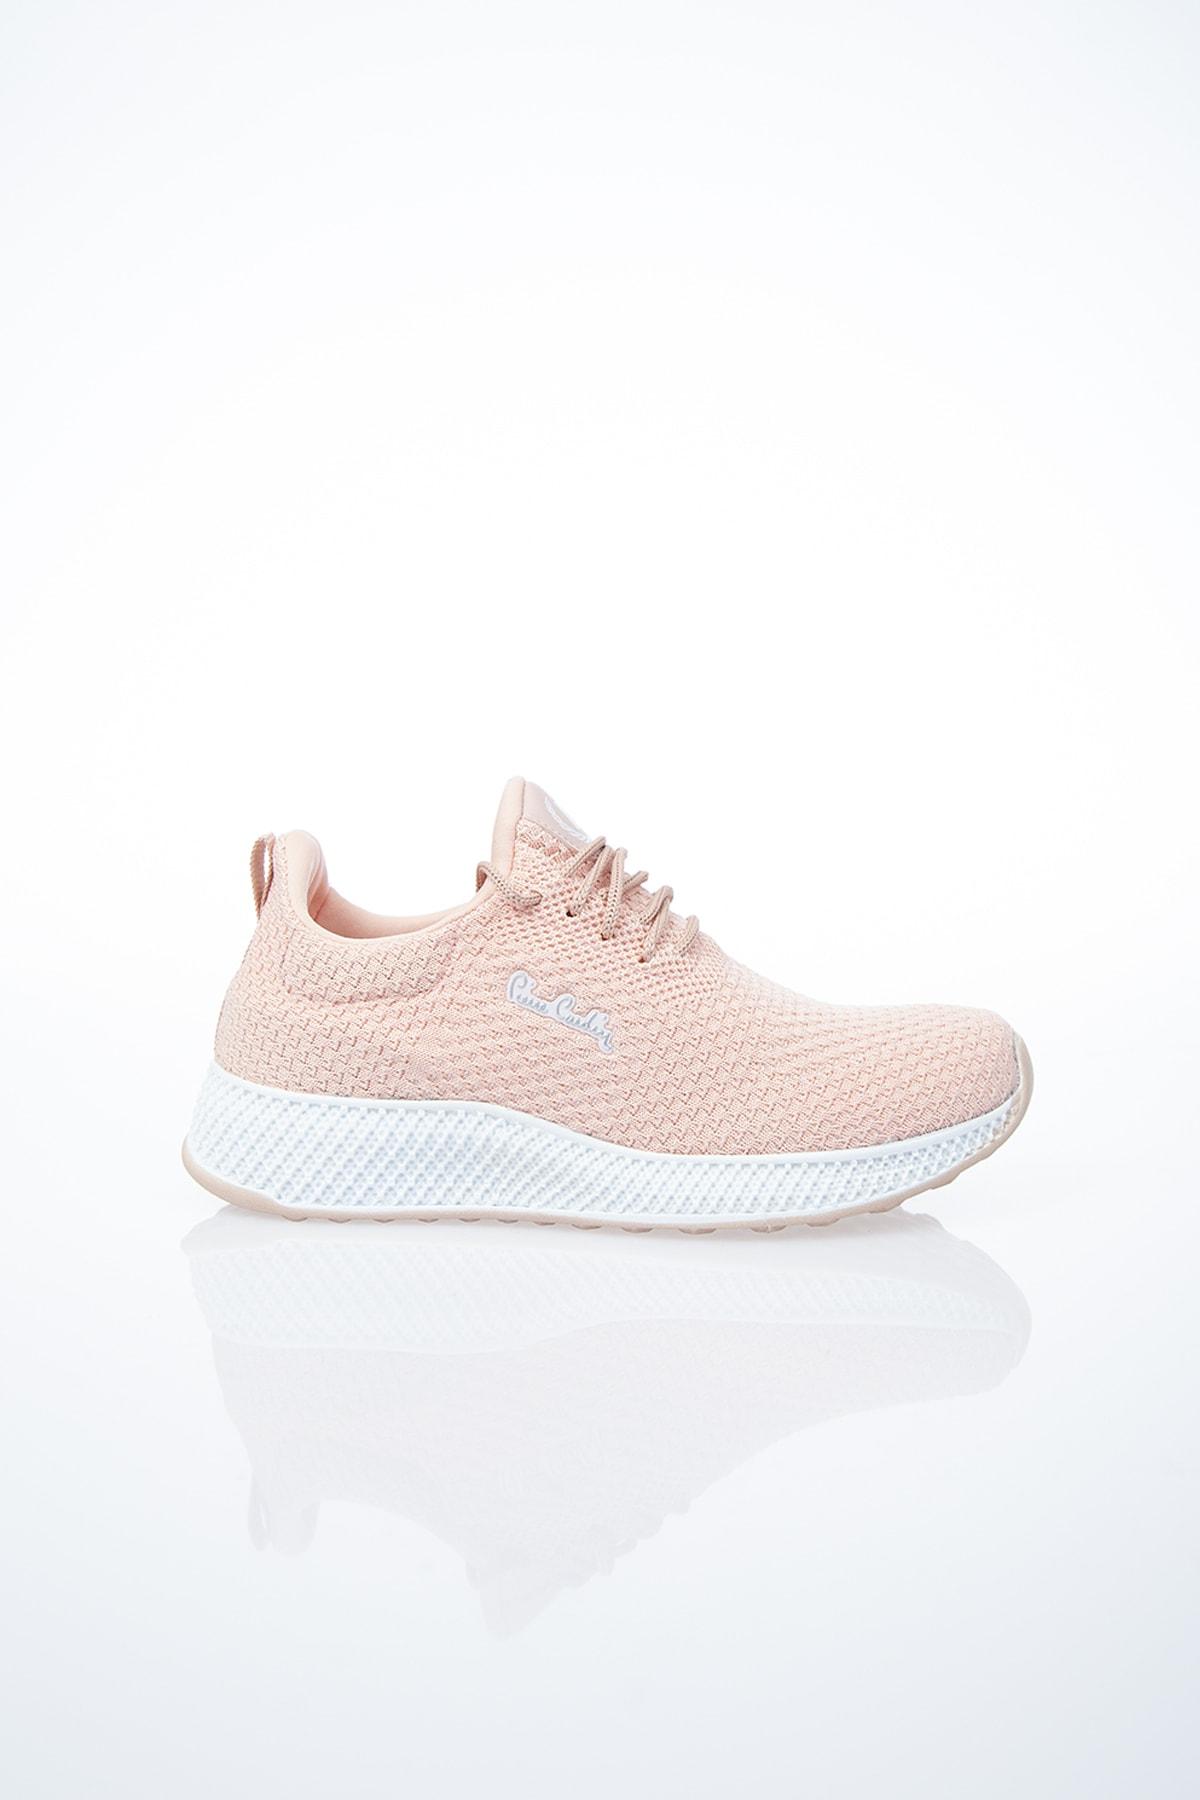 Pierre Cardin Kadın Günlük Spor Ayakkabı-somon Pcs-10248 2